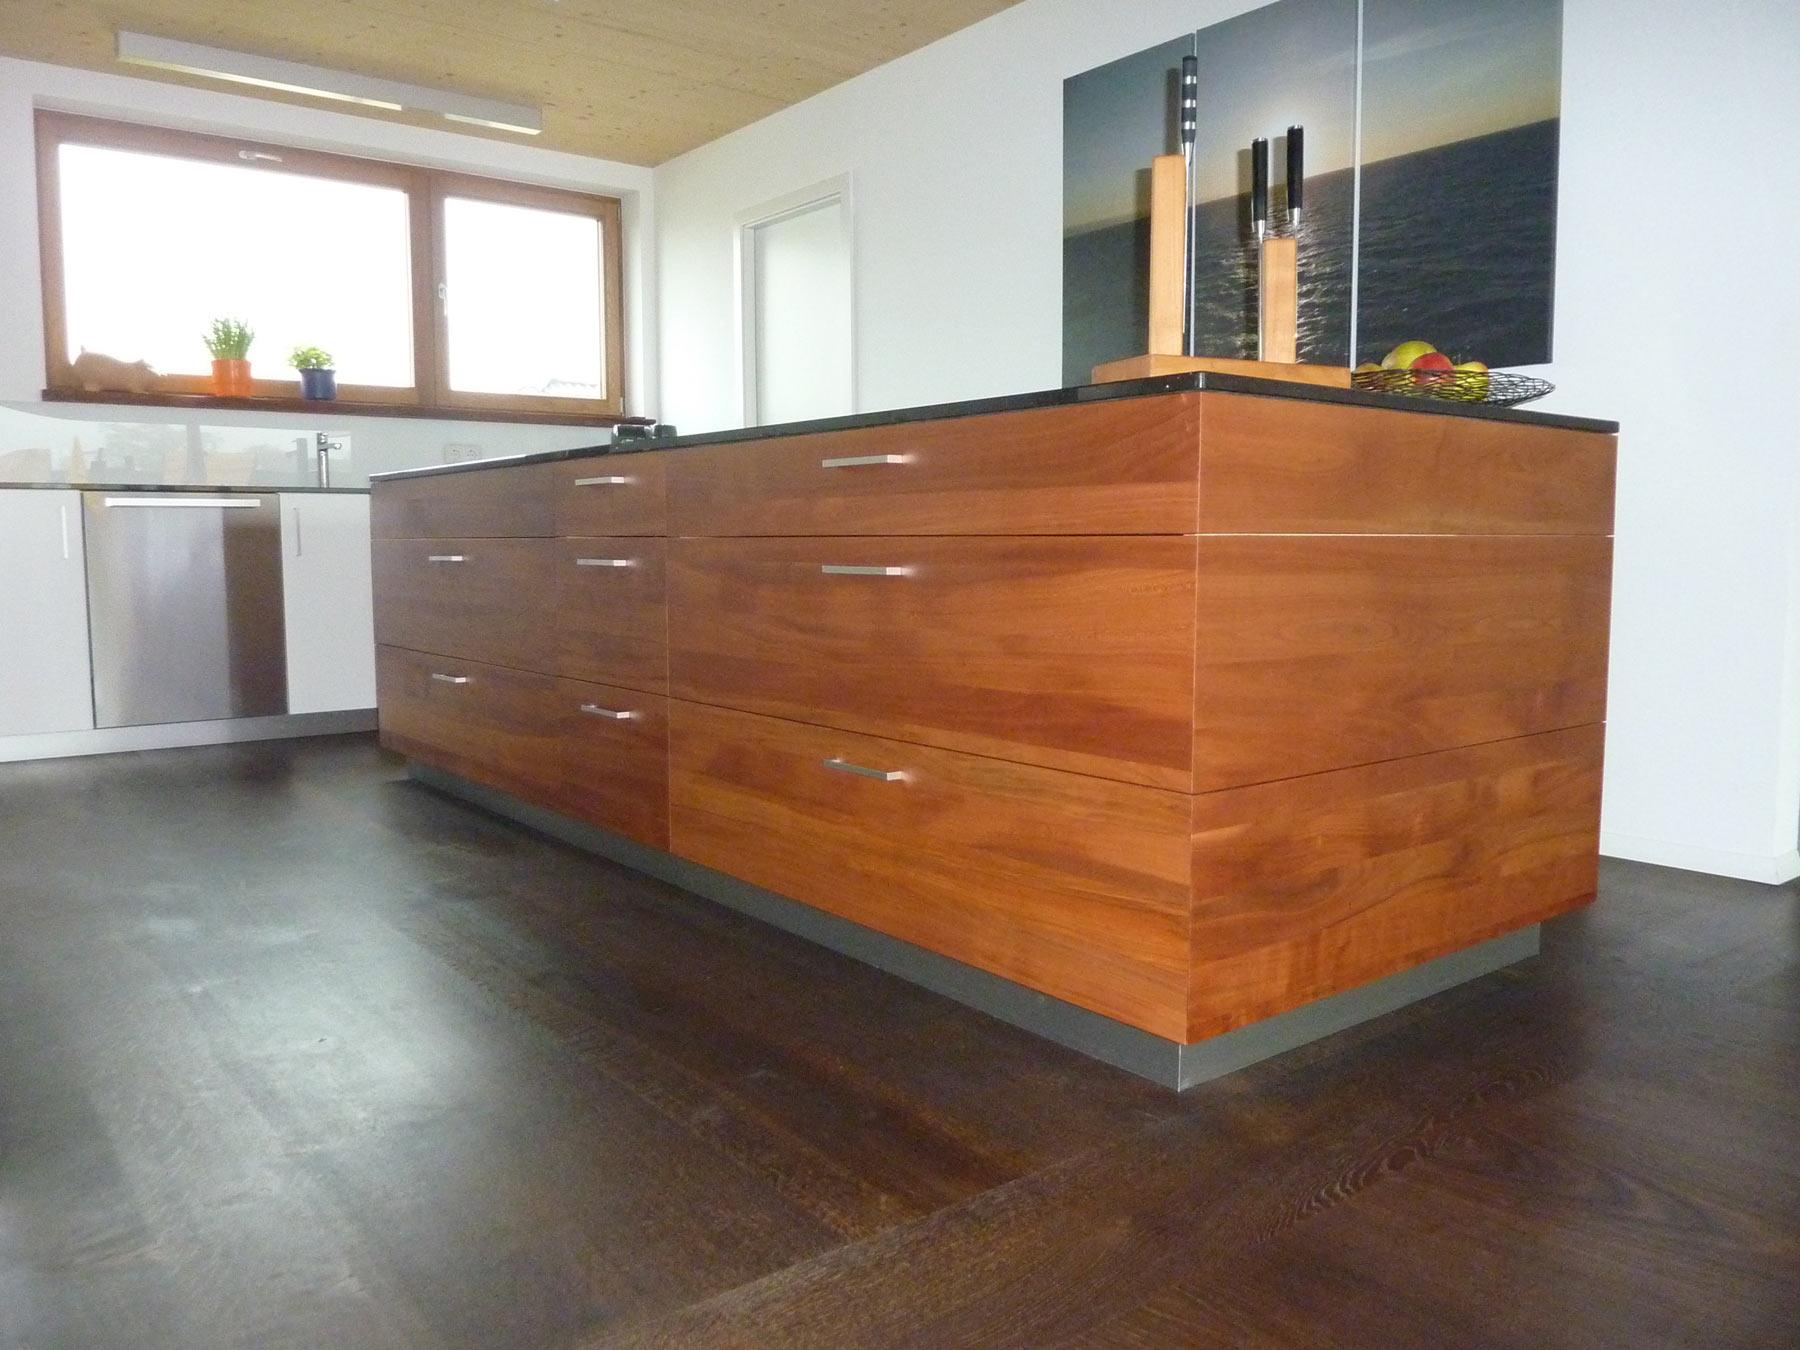 küche mit mittelblock in gedämpftem kirschbaum - Küche Mittelblock